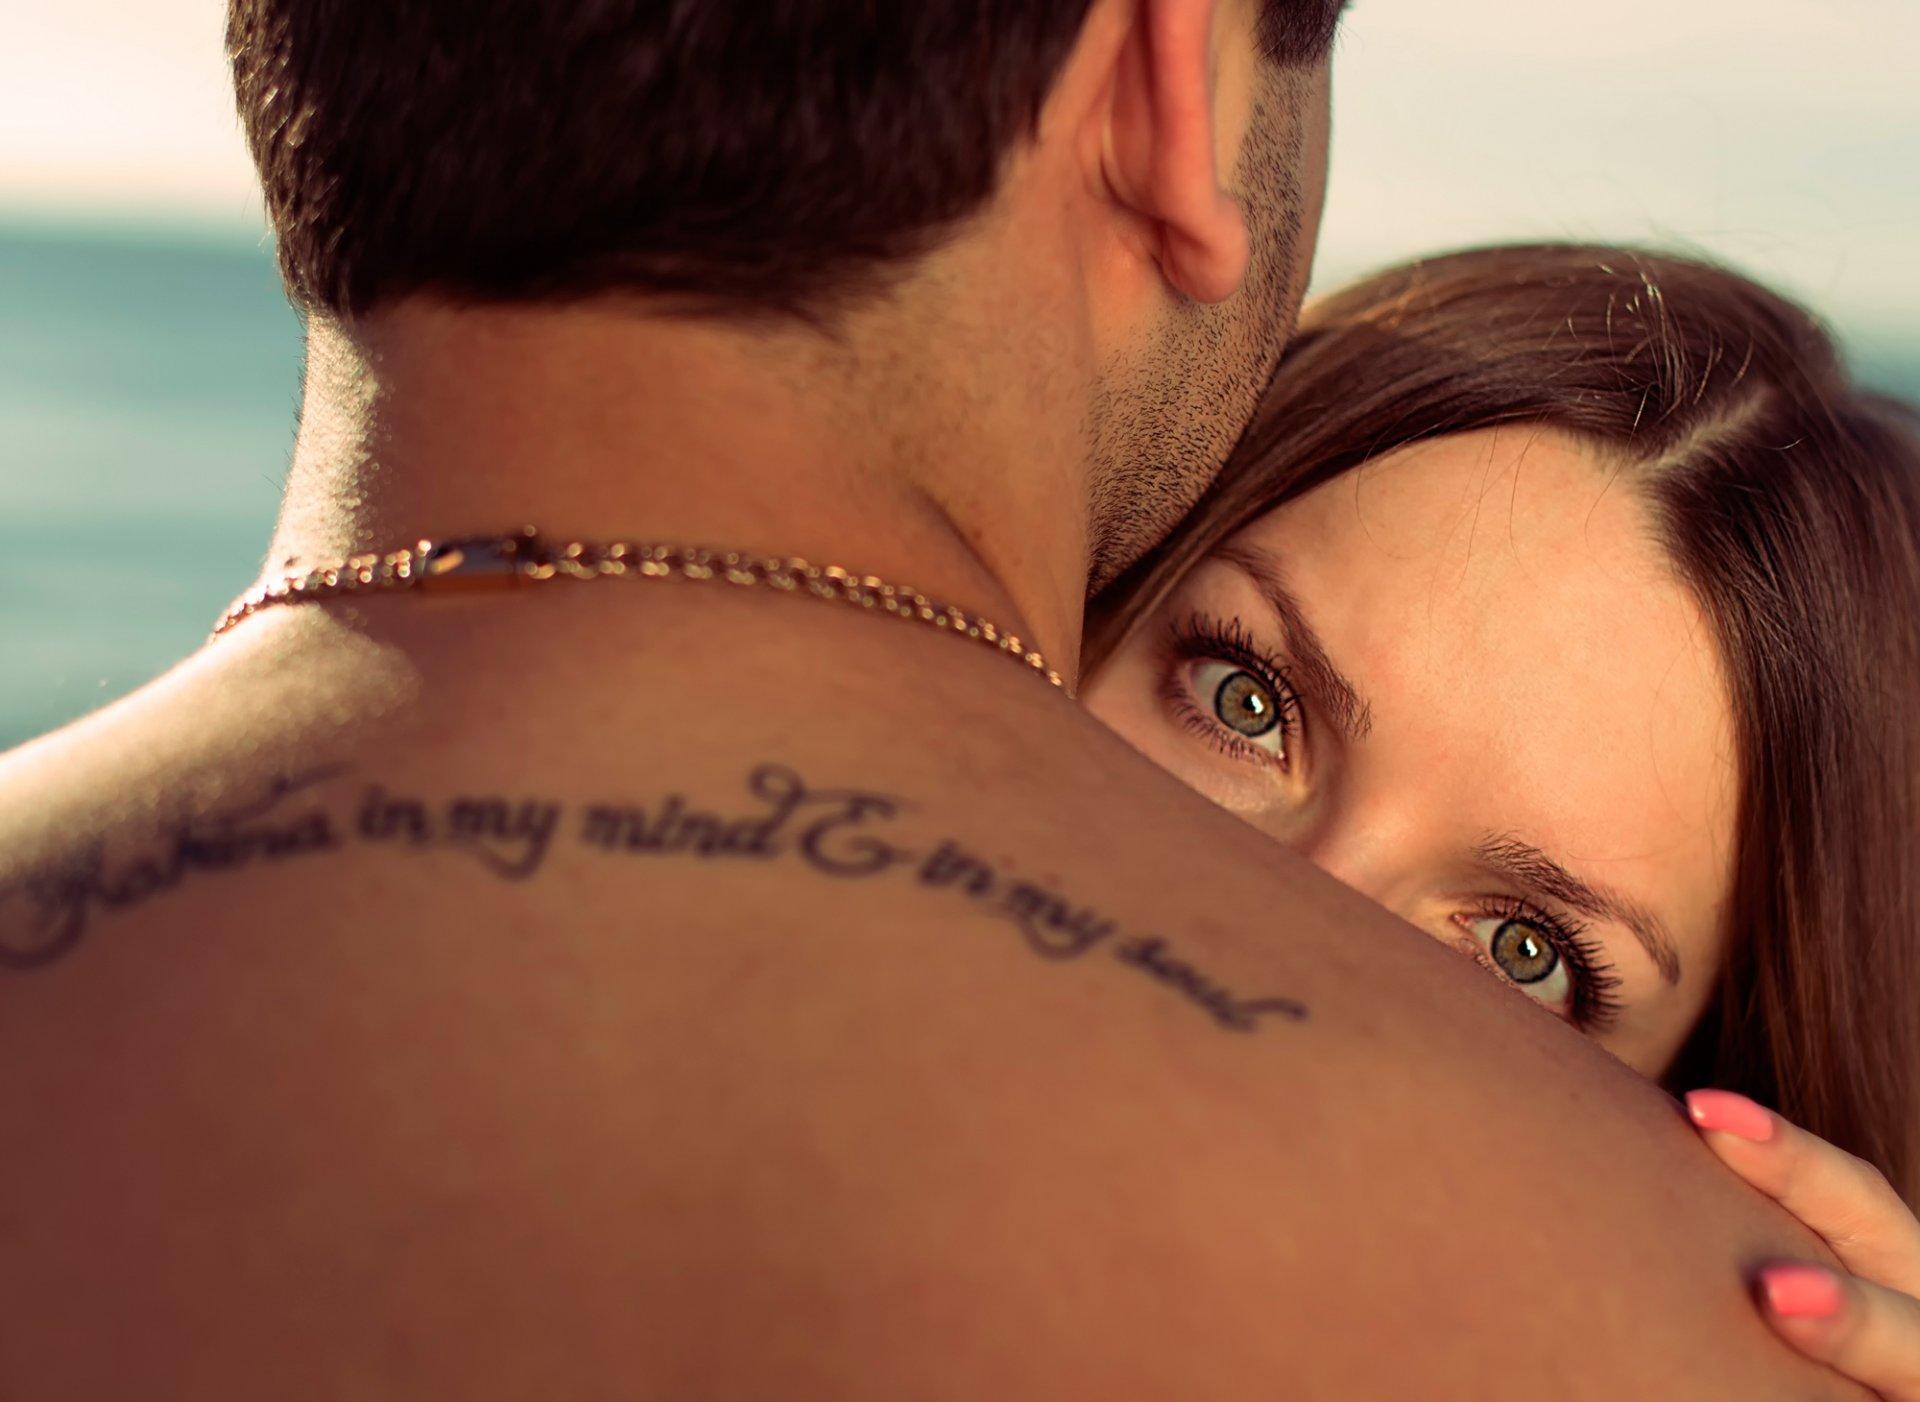 Фото с татуировками девушка и парень